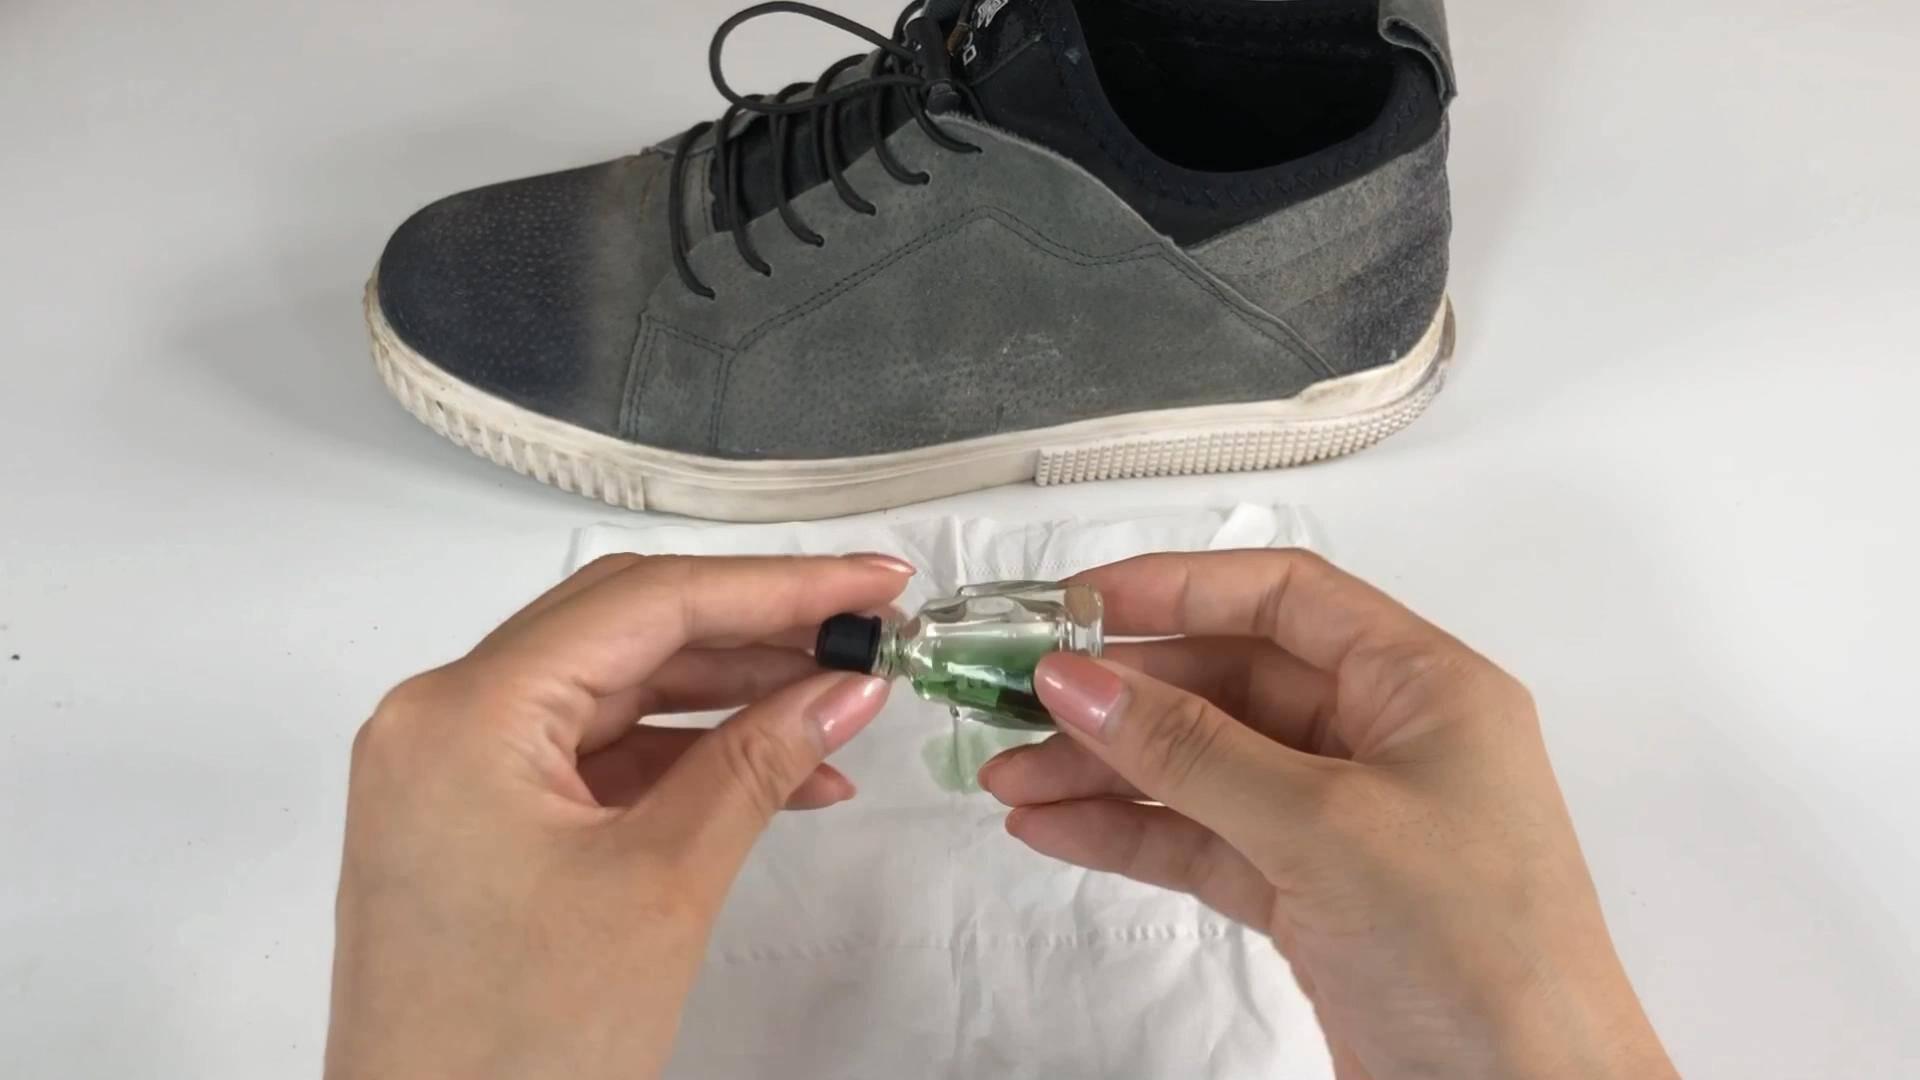 鞋子太臭怎么快速去除(鞋子里面好臭用什么方法)插图(1)